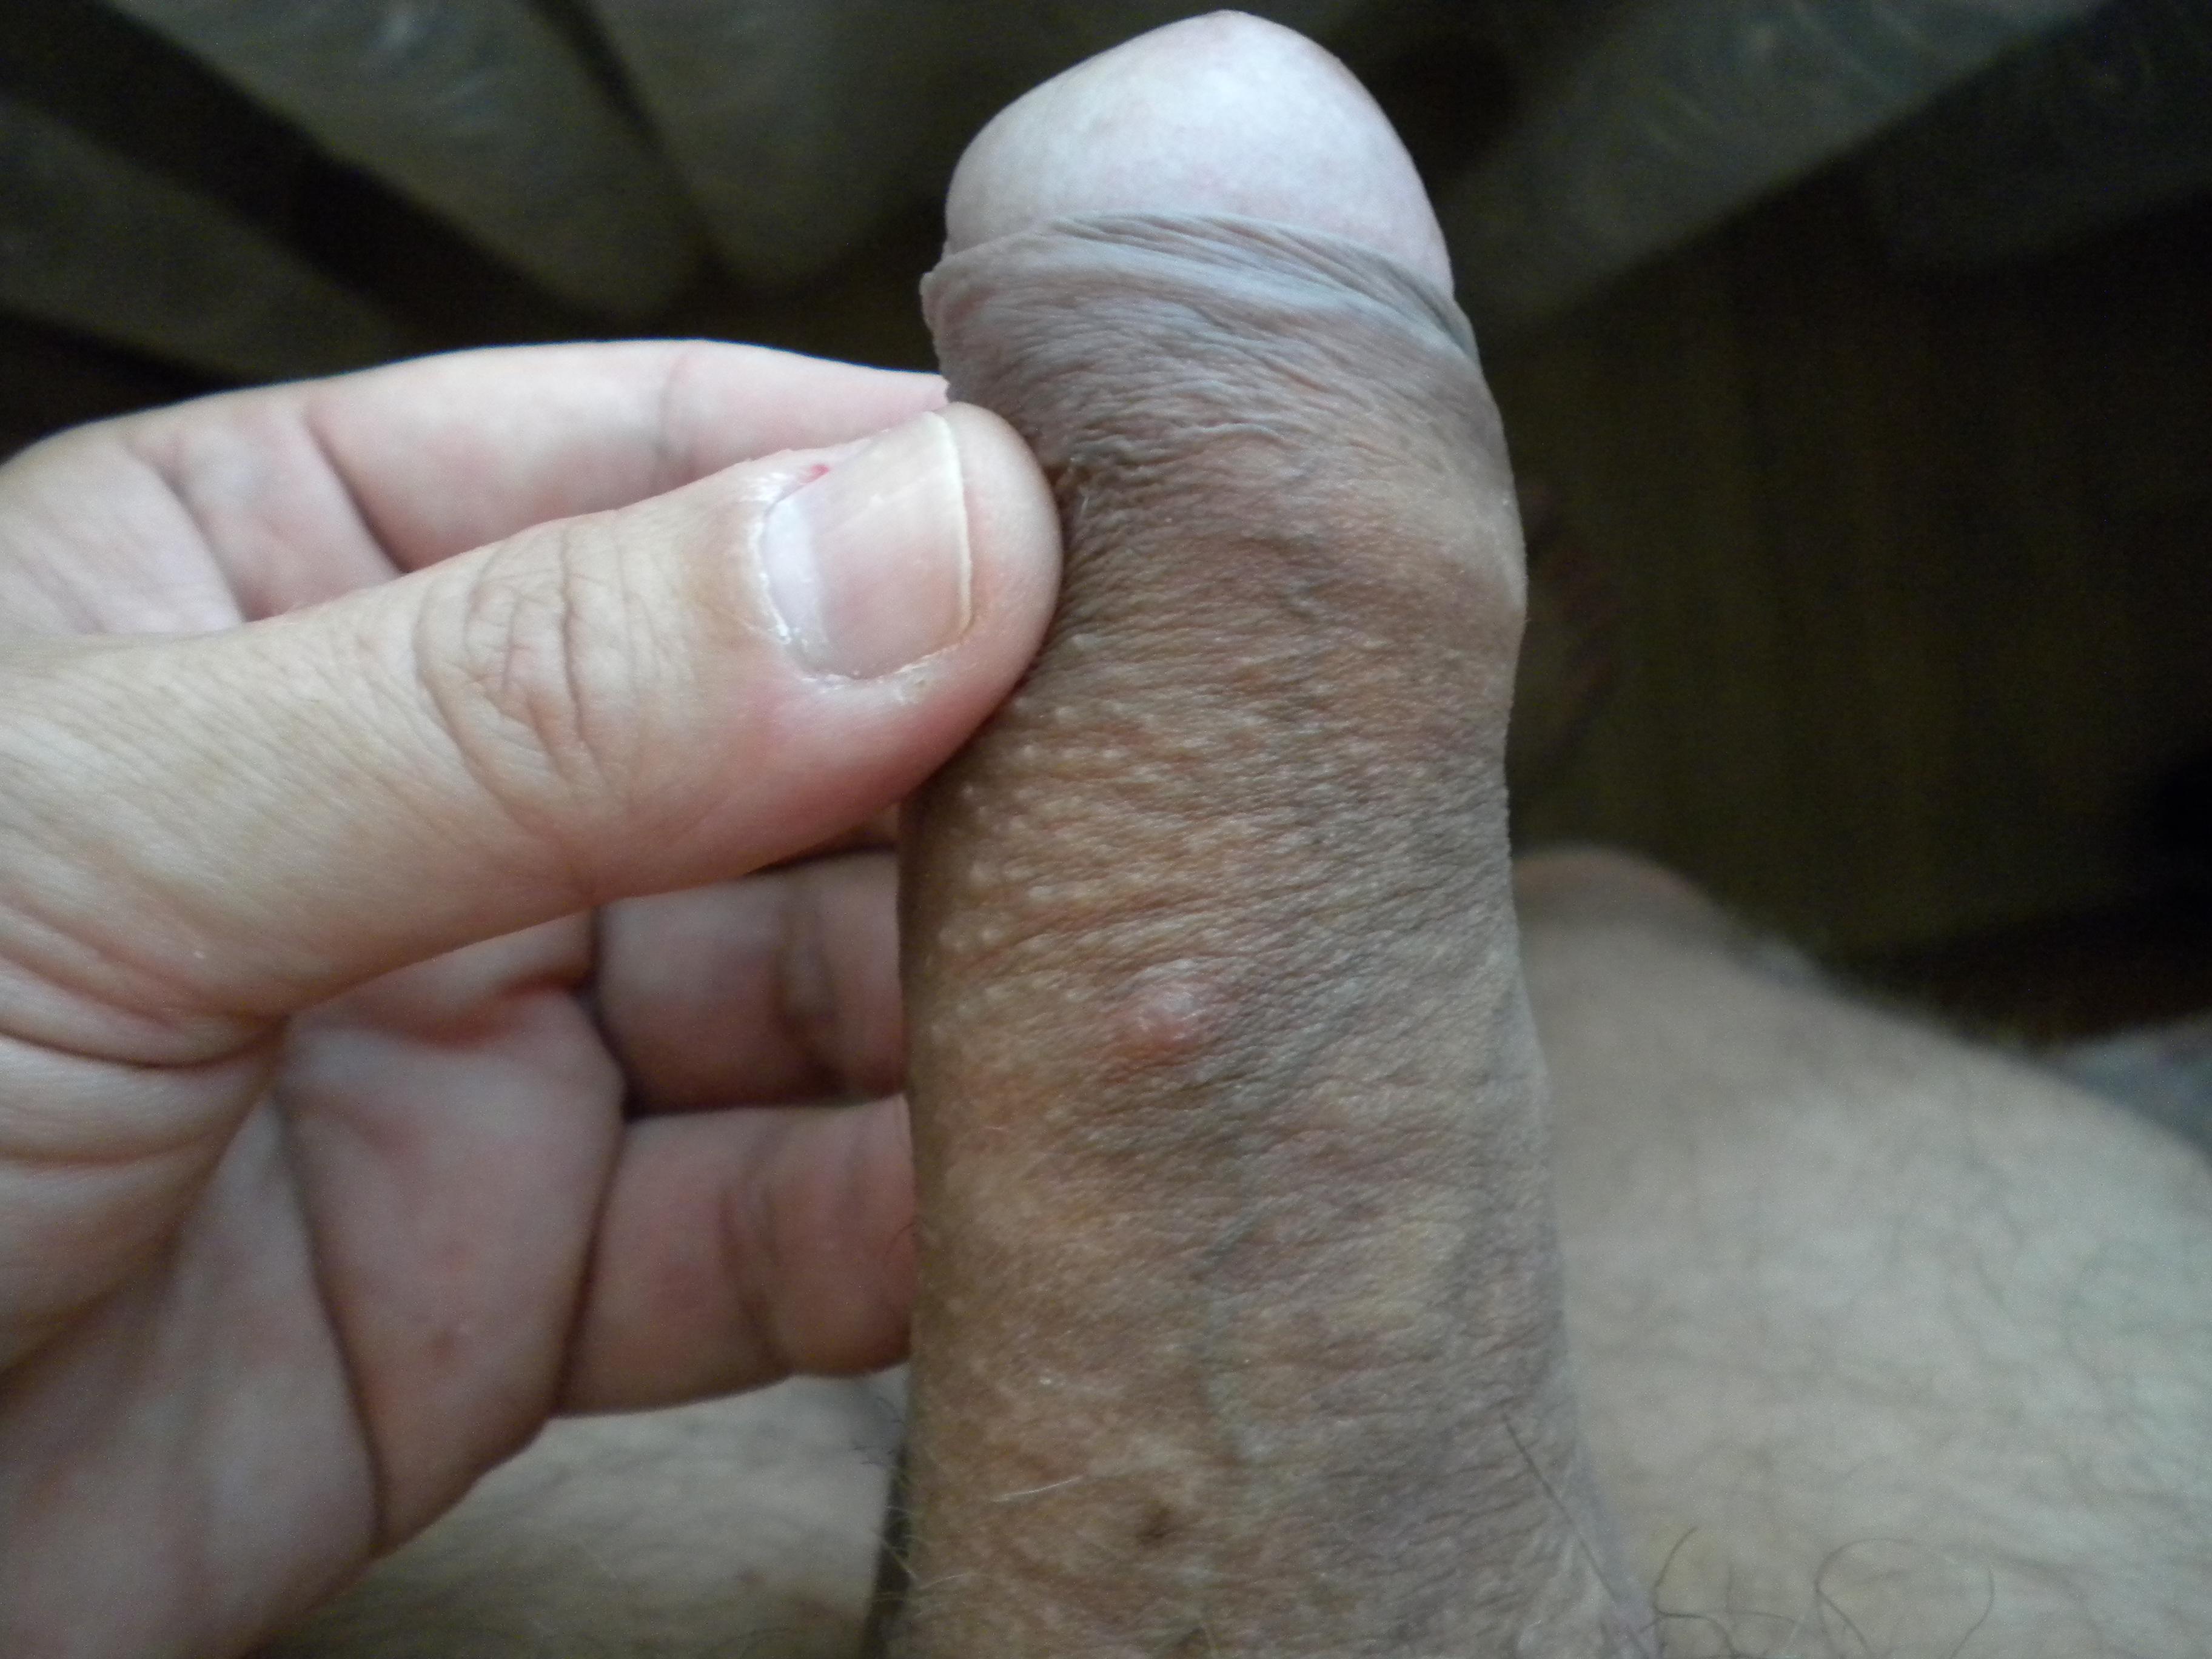 Penis Fotos 43